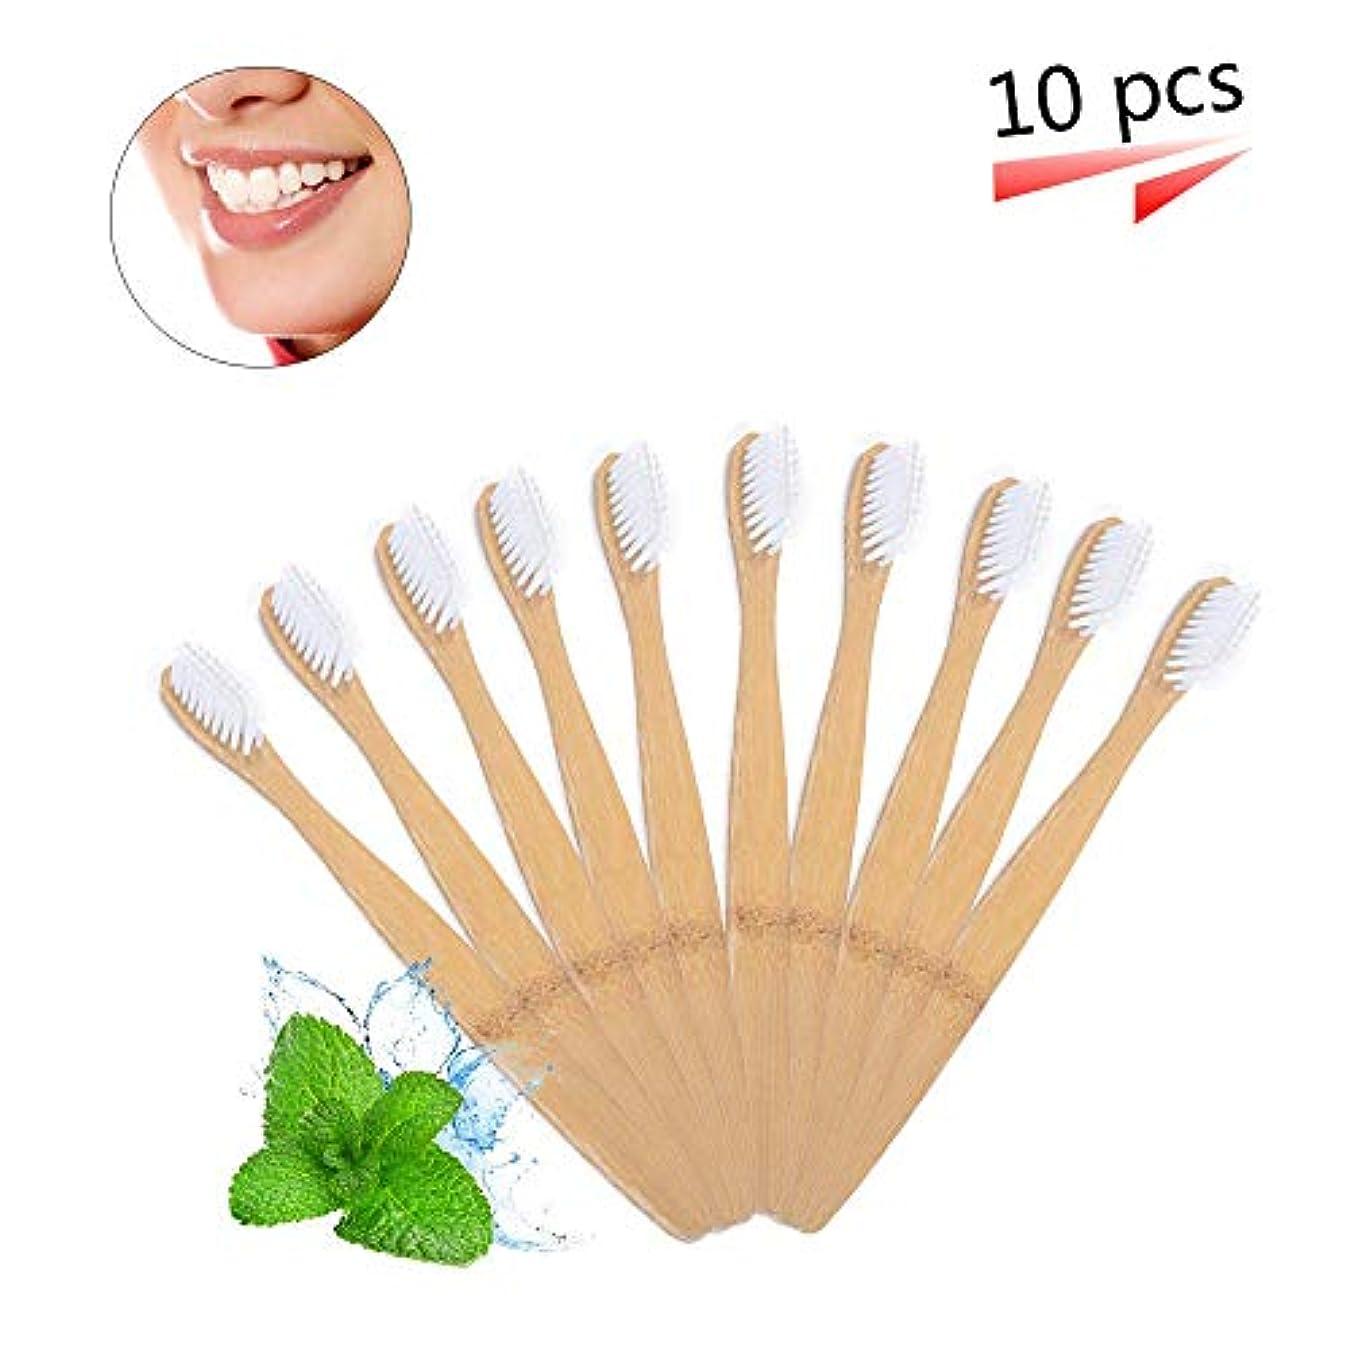 サンダル上がる結婚式竹の歯ブラシ 分解性 環境保護の歯ブラシ 天然の柔らかいブラシ ホワイト 10本